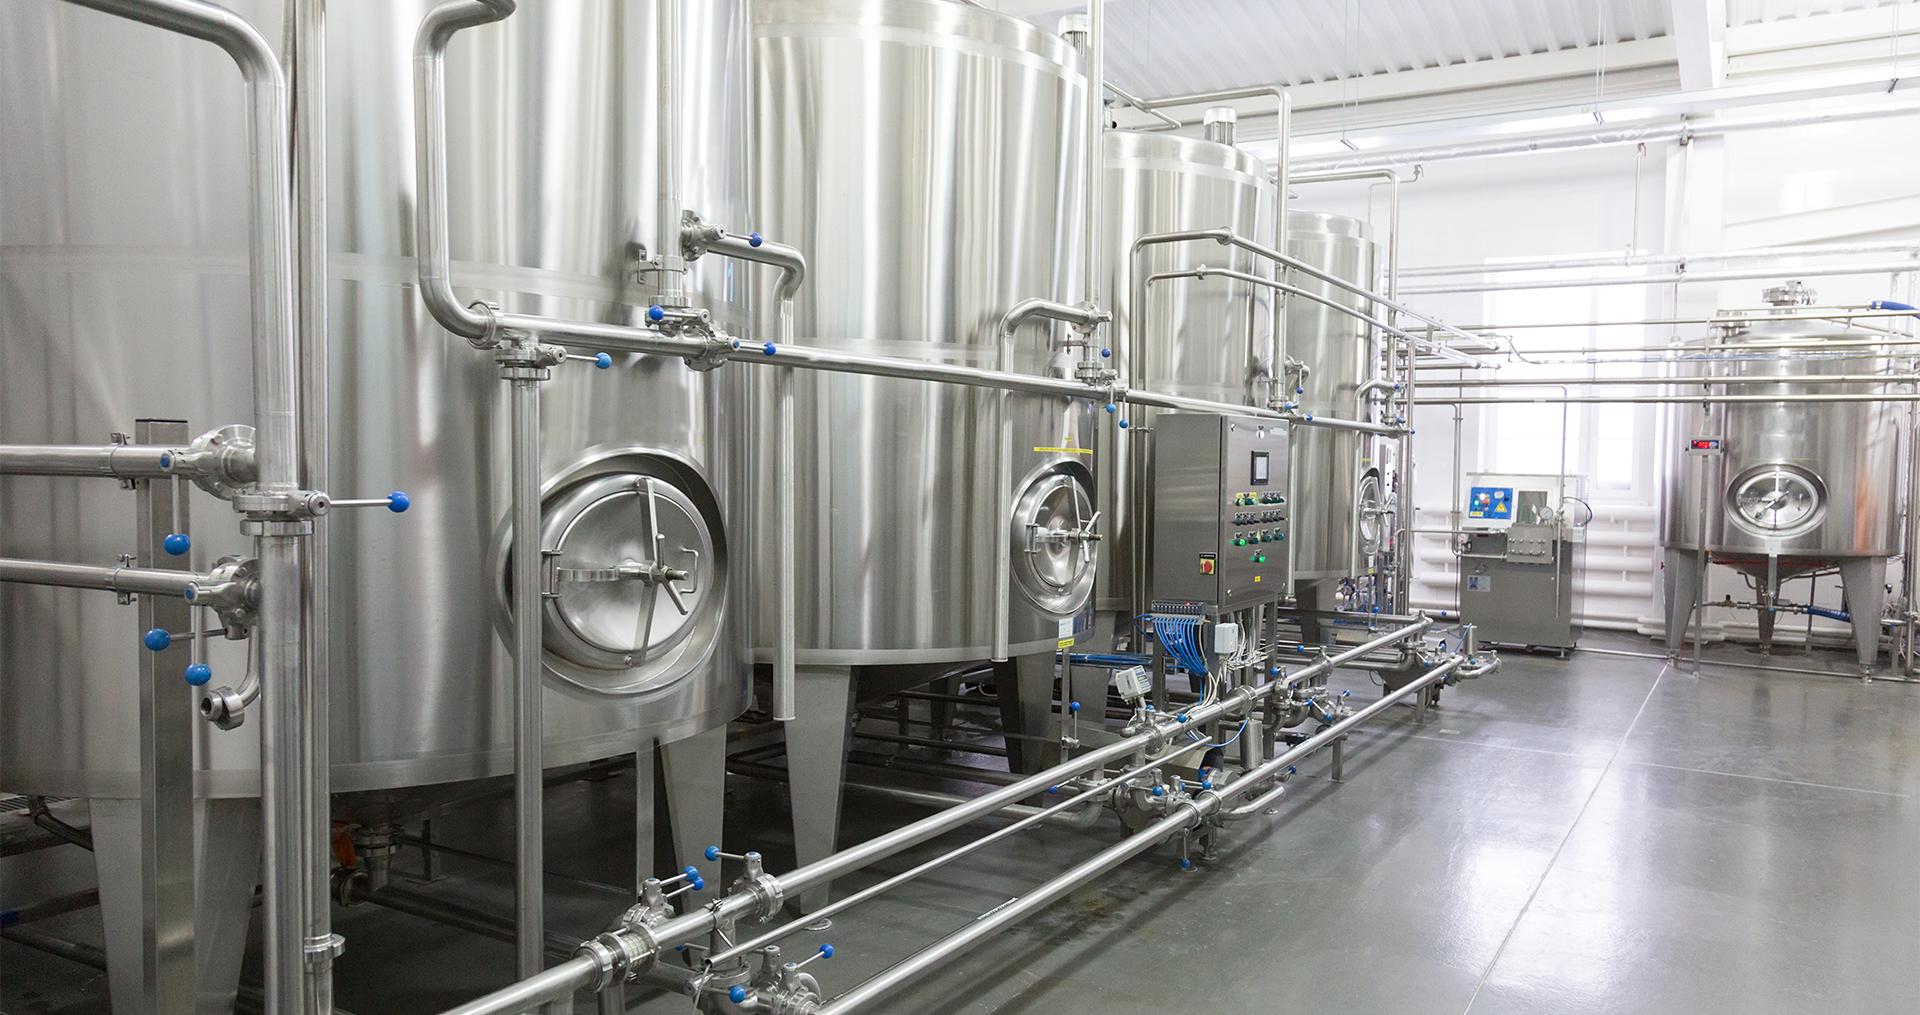 industrial vats